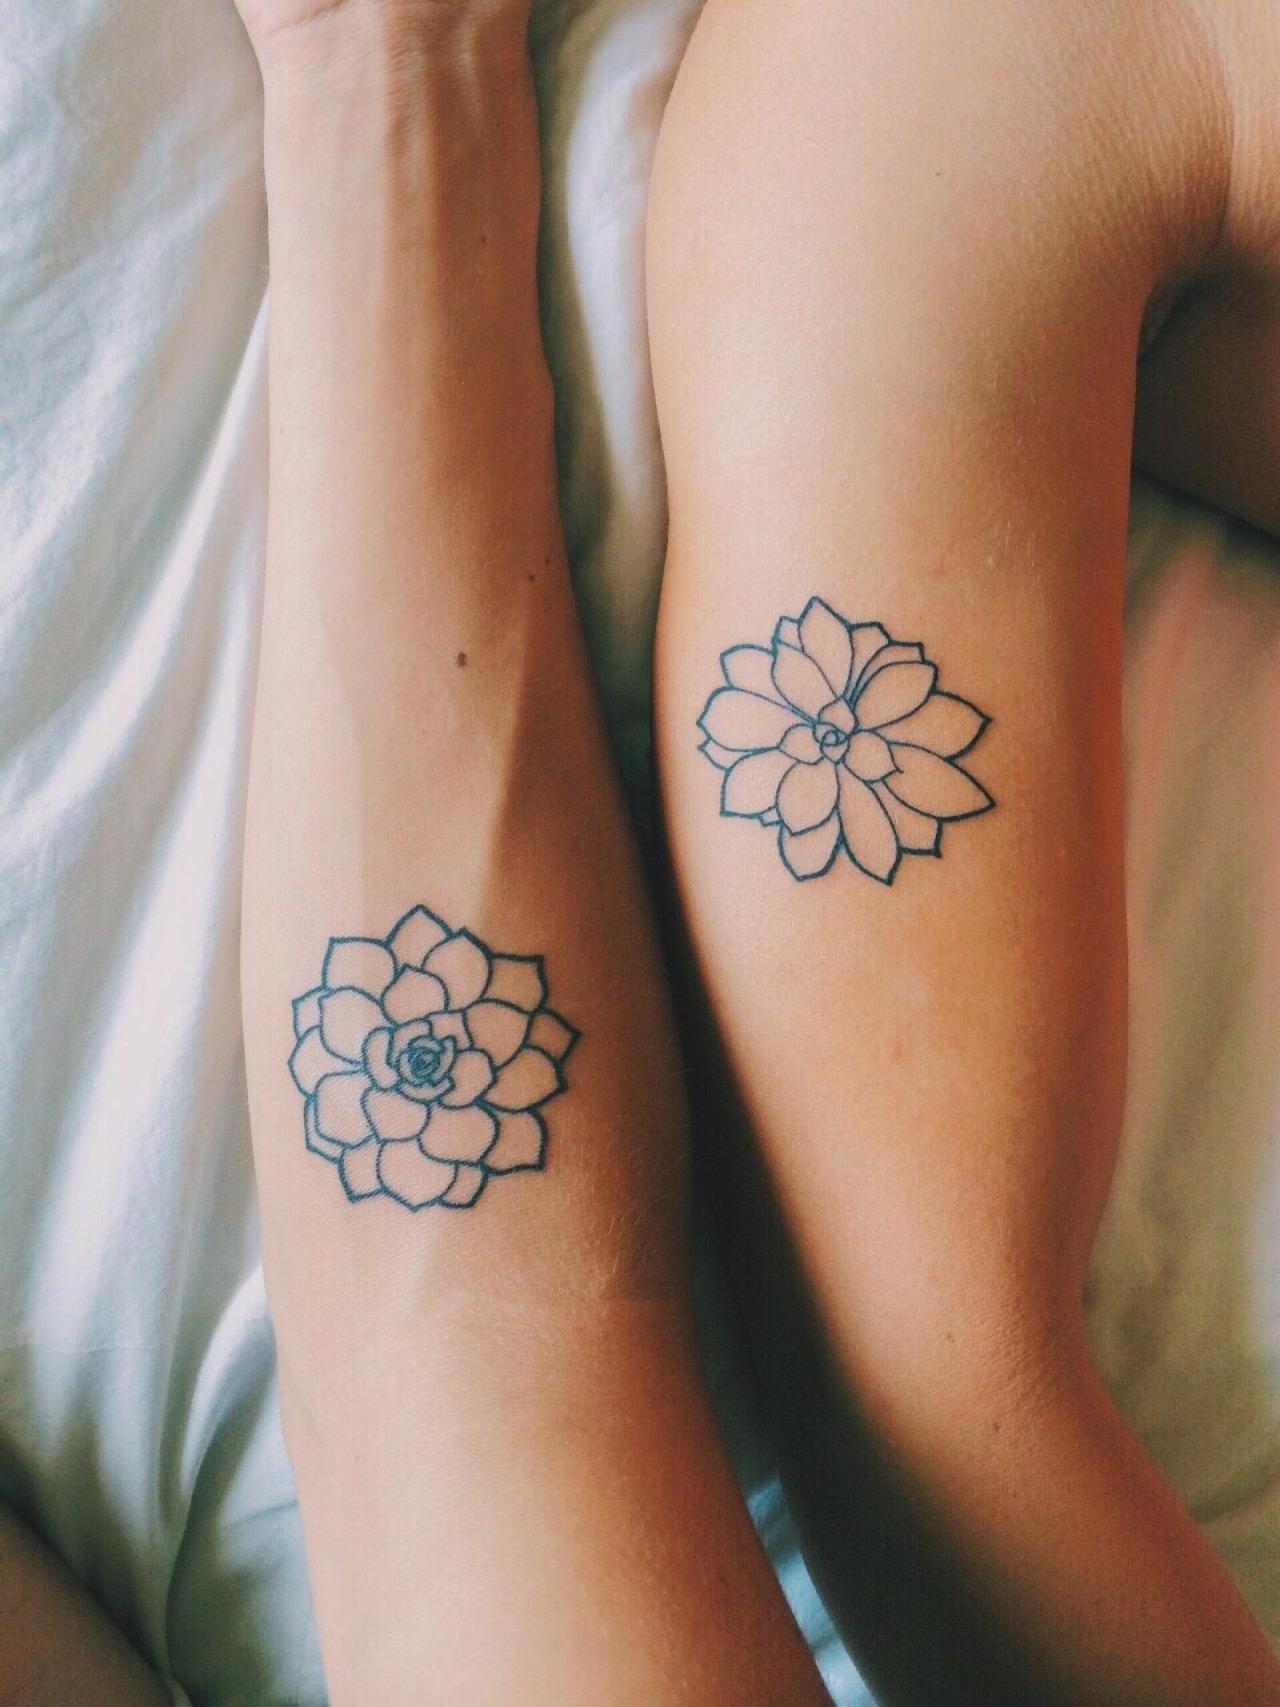 adorables diseños de tatuaje flor, ideas de tatuajes para parejas, tatuajes flor de loto de diseño geométrico